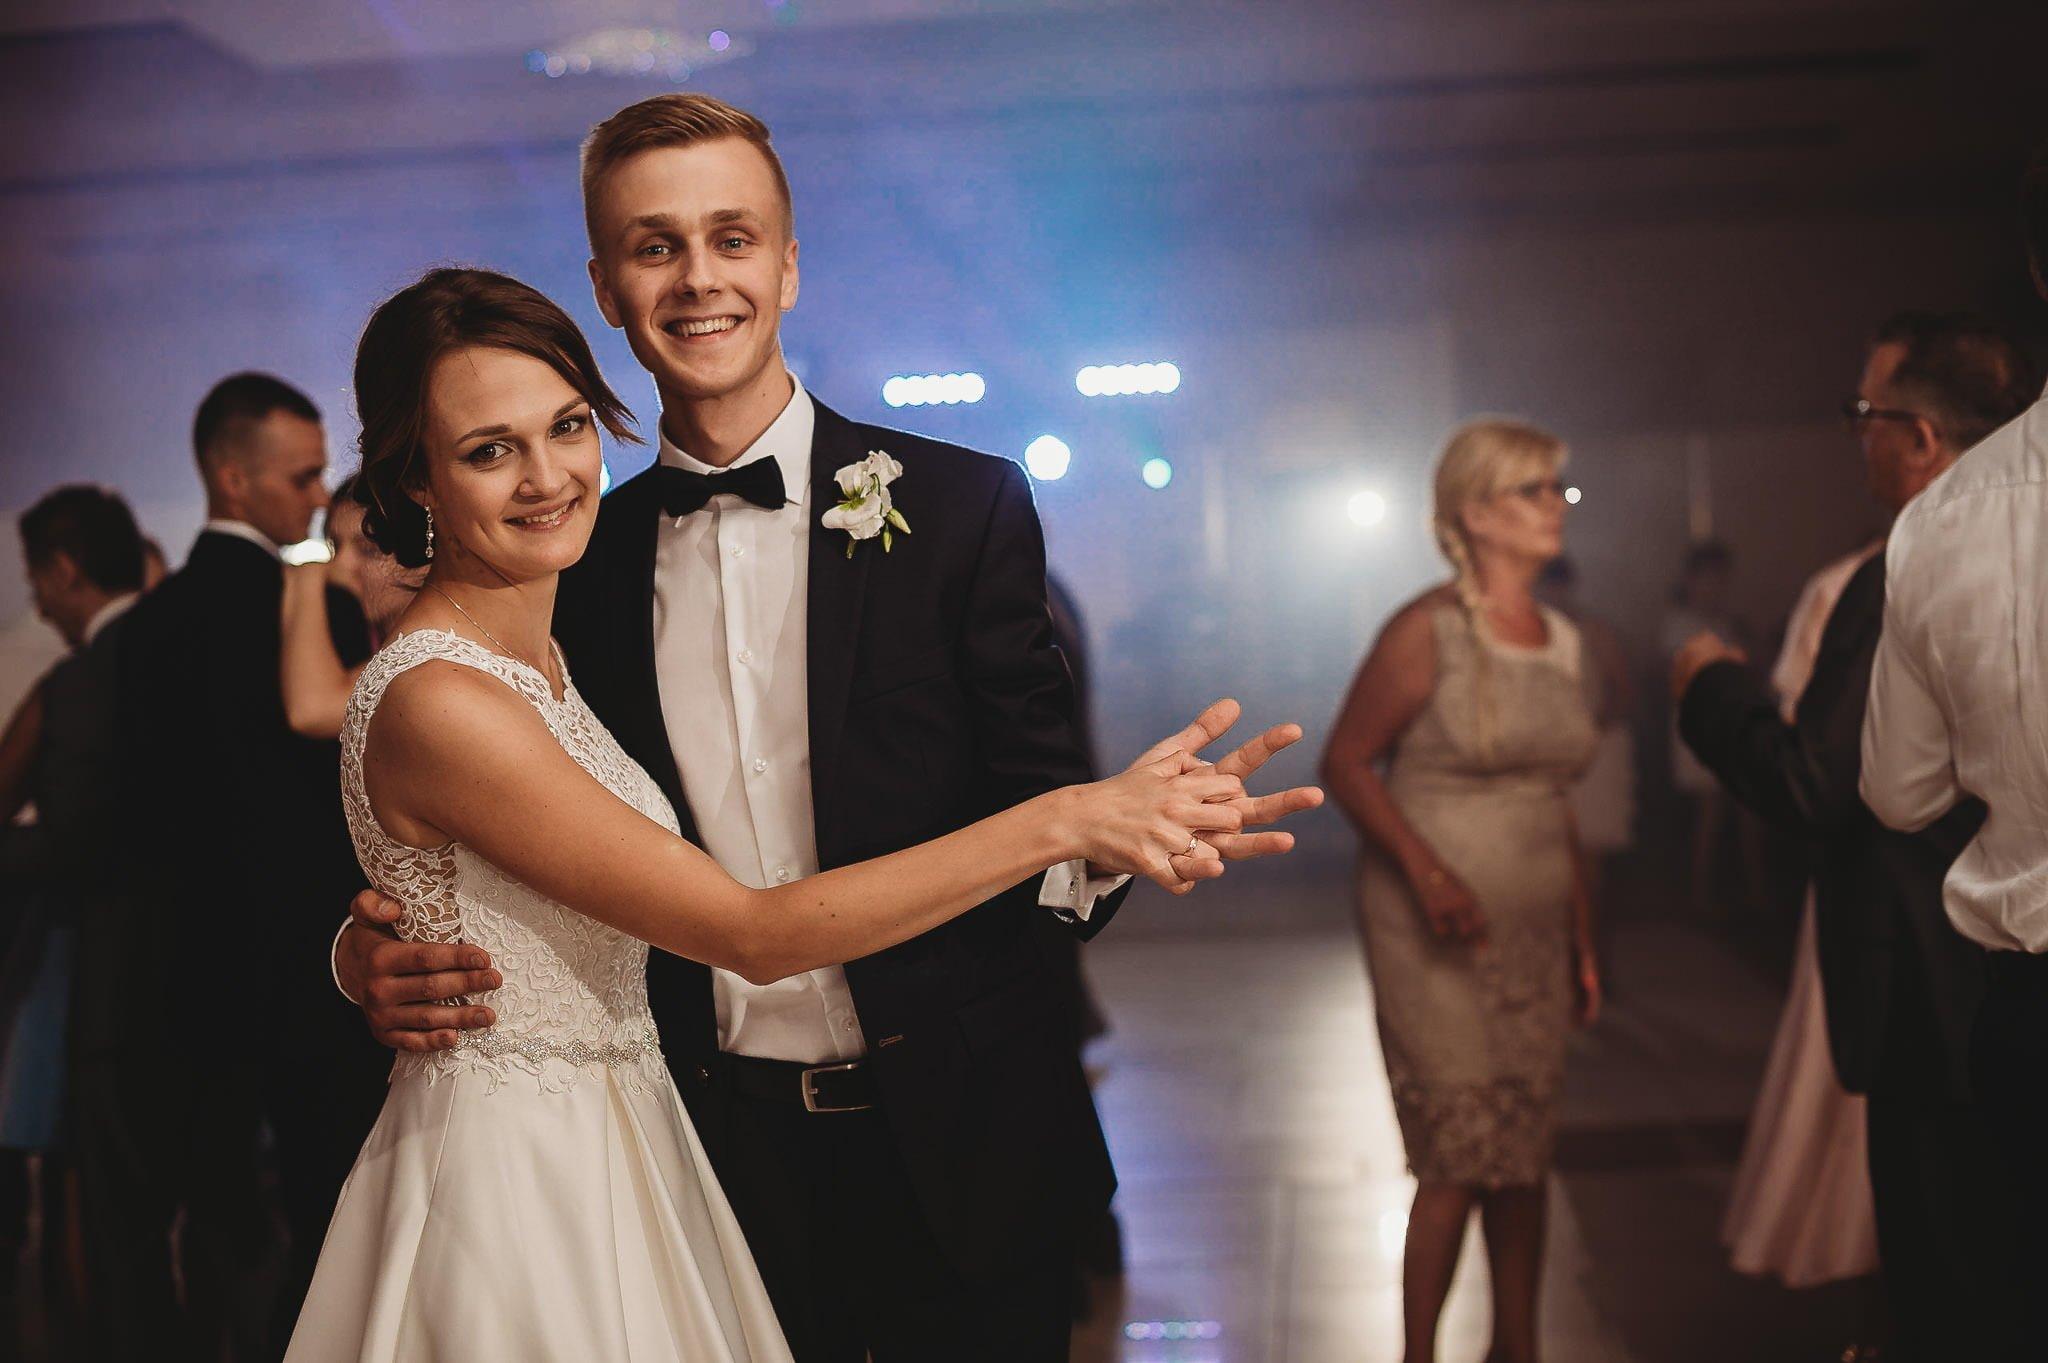 Monika i Michał, wesele w Paryżu i sesja plenerowa w stadninie koni w Czołowie 226